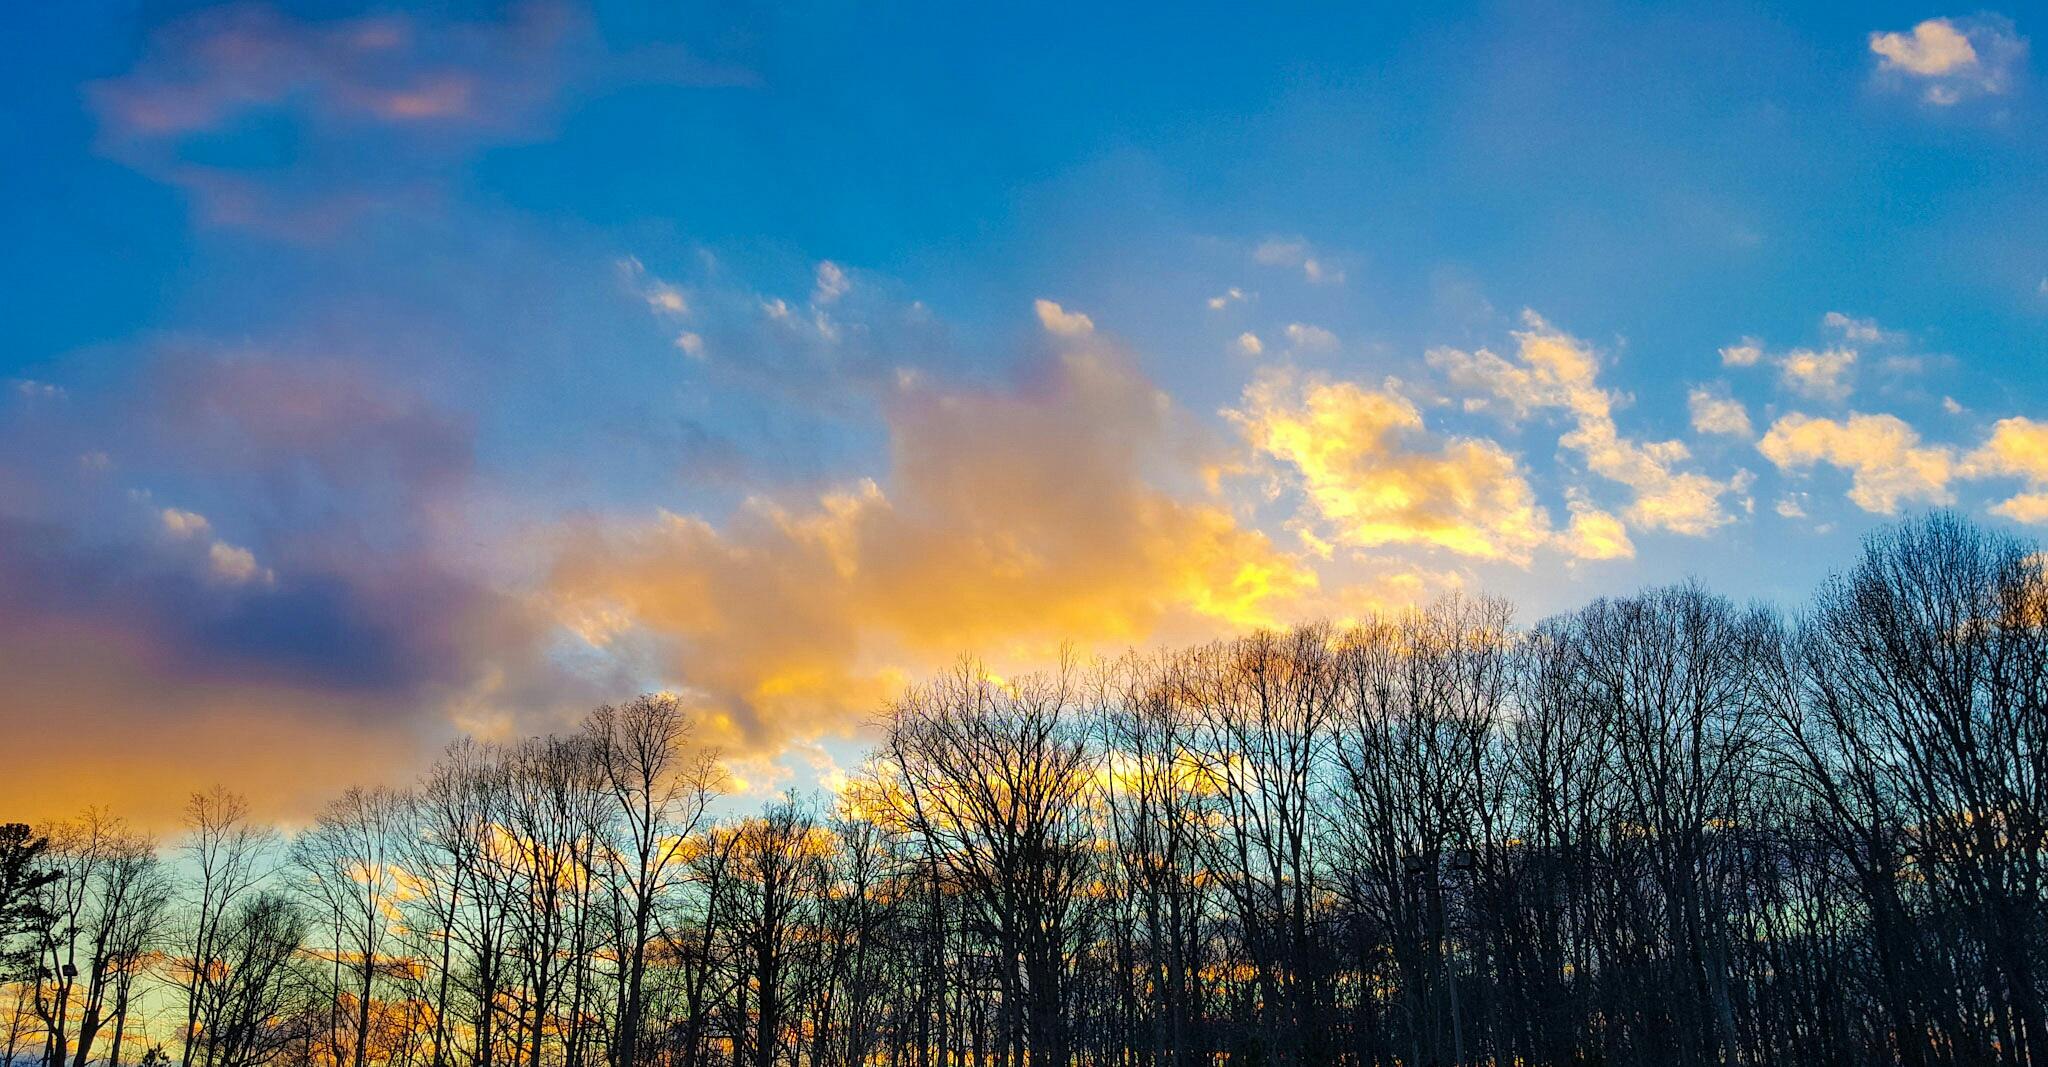 beautiful sky by zyndoy